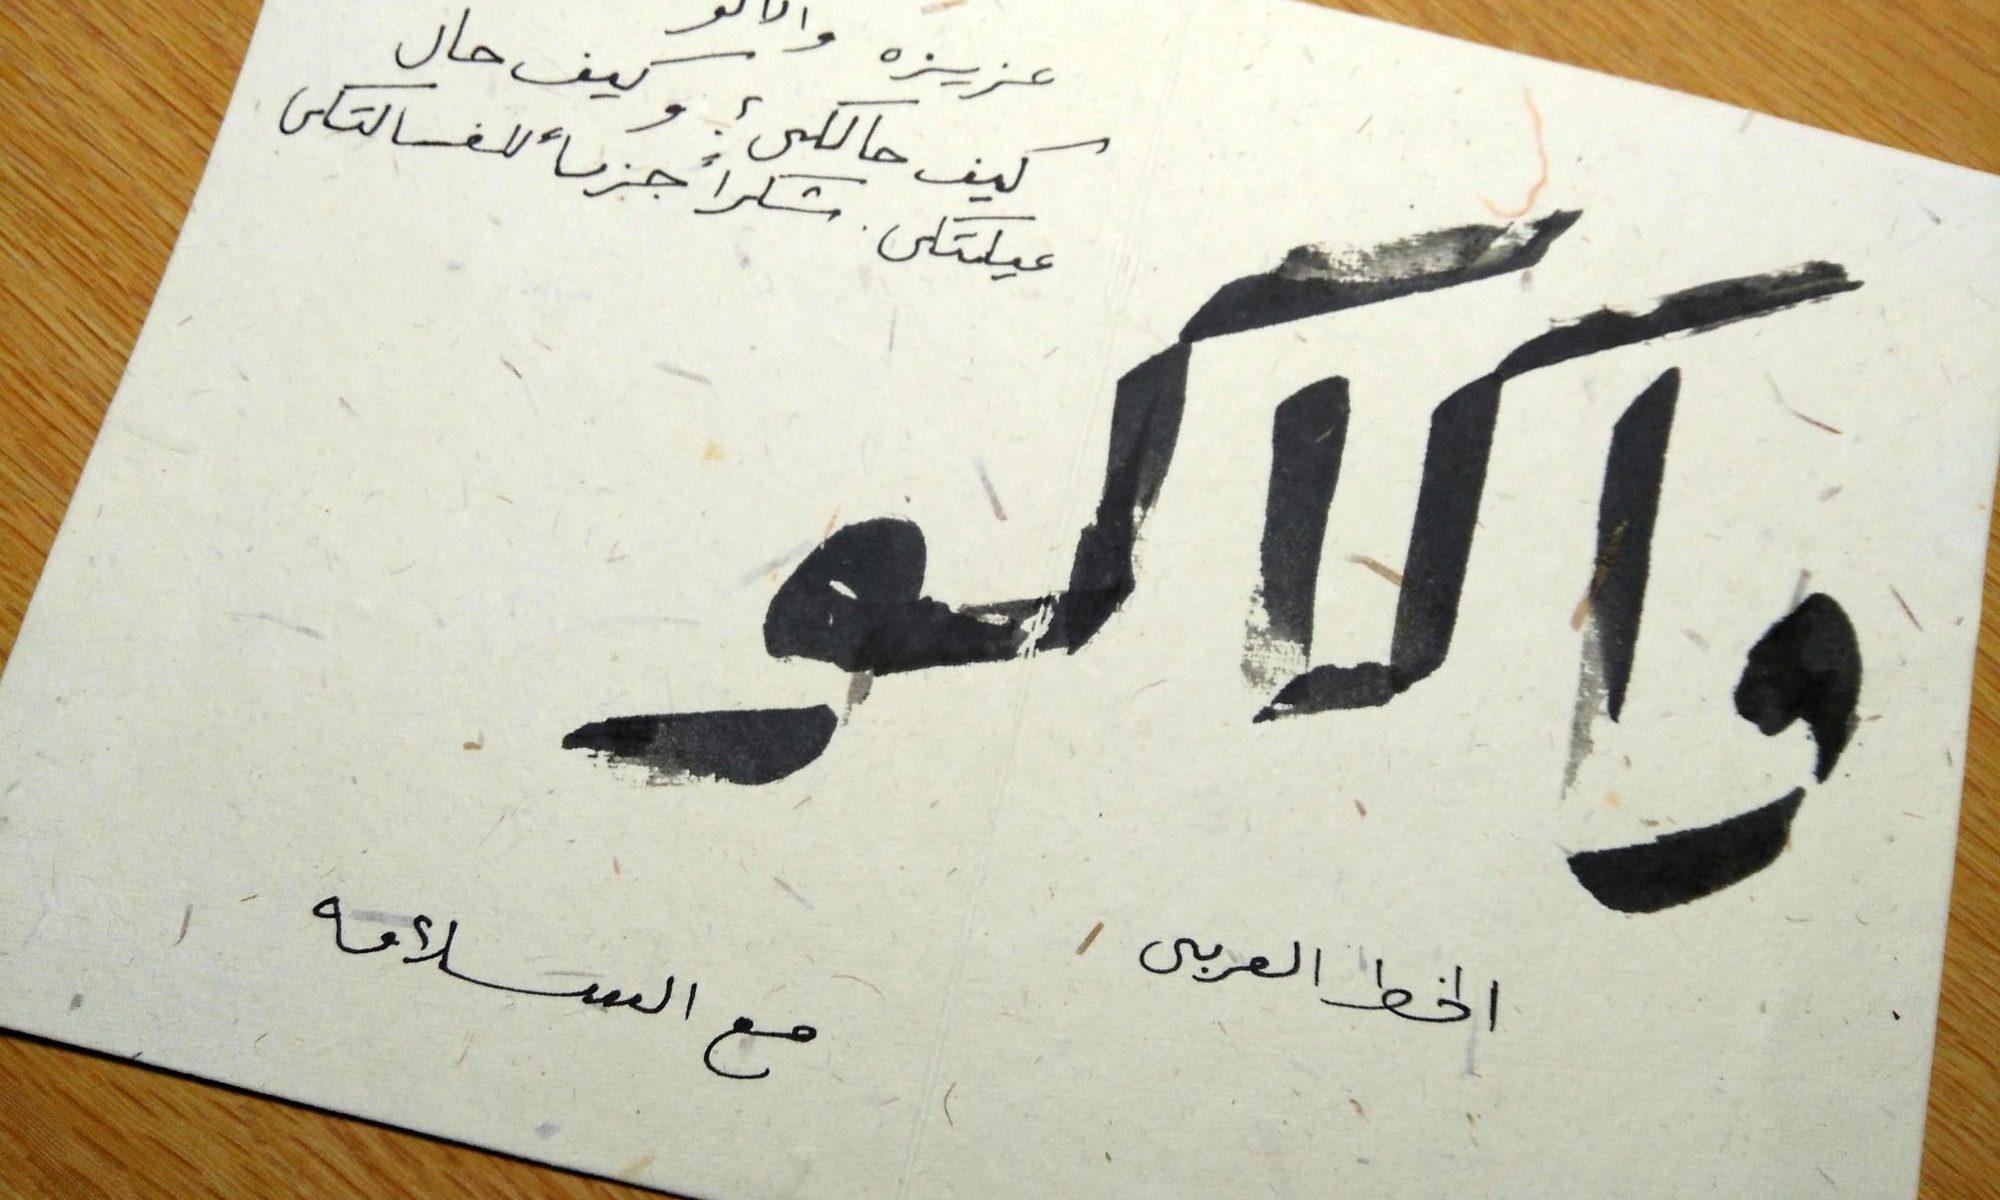 アラビア語のポストカード